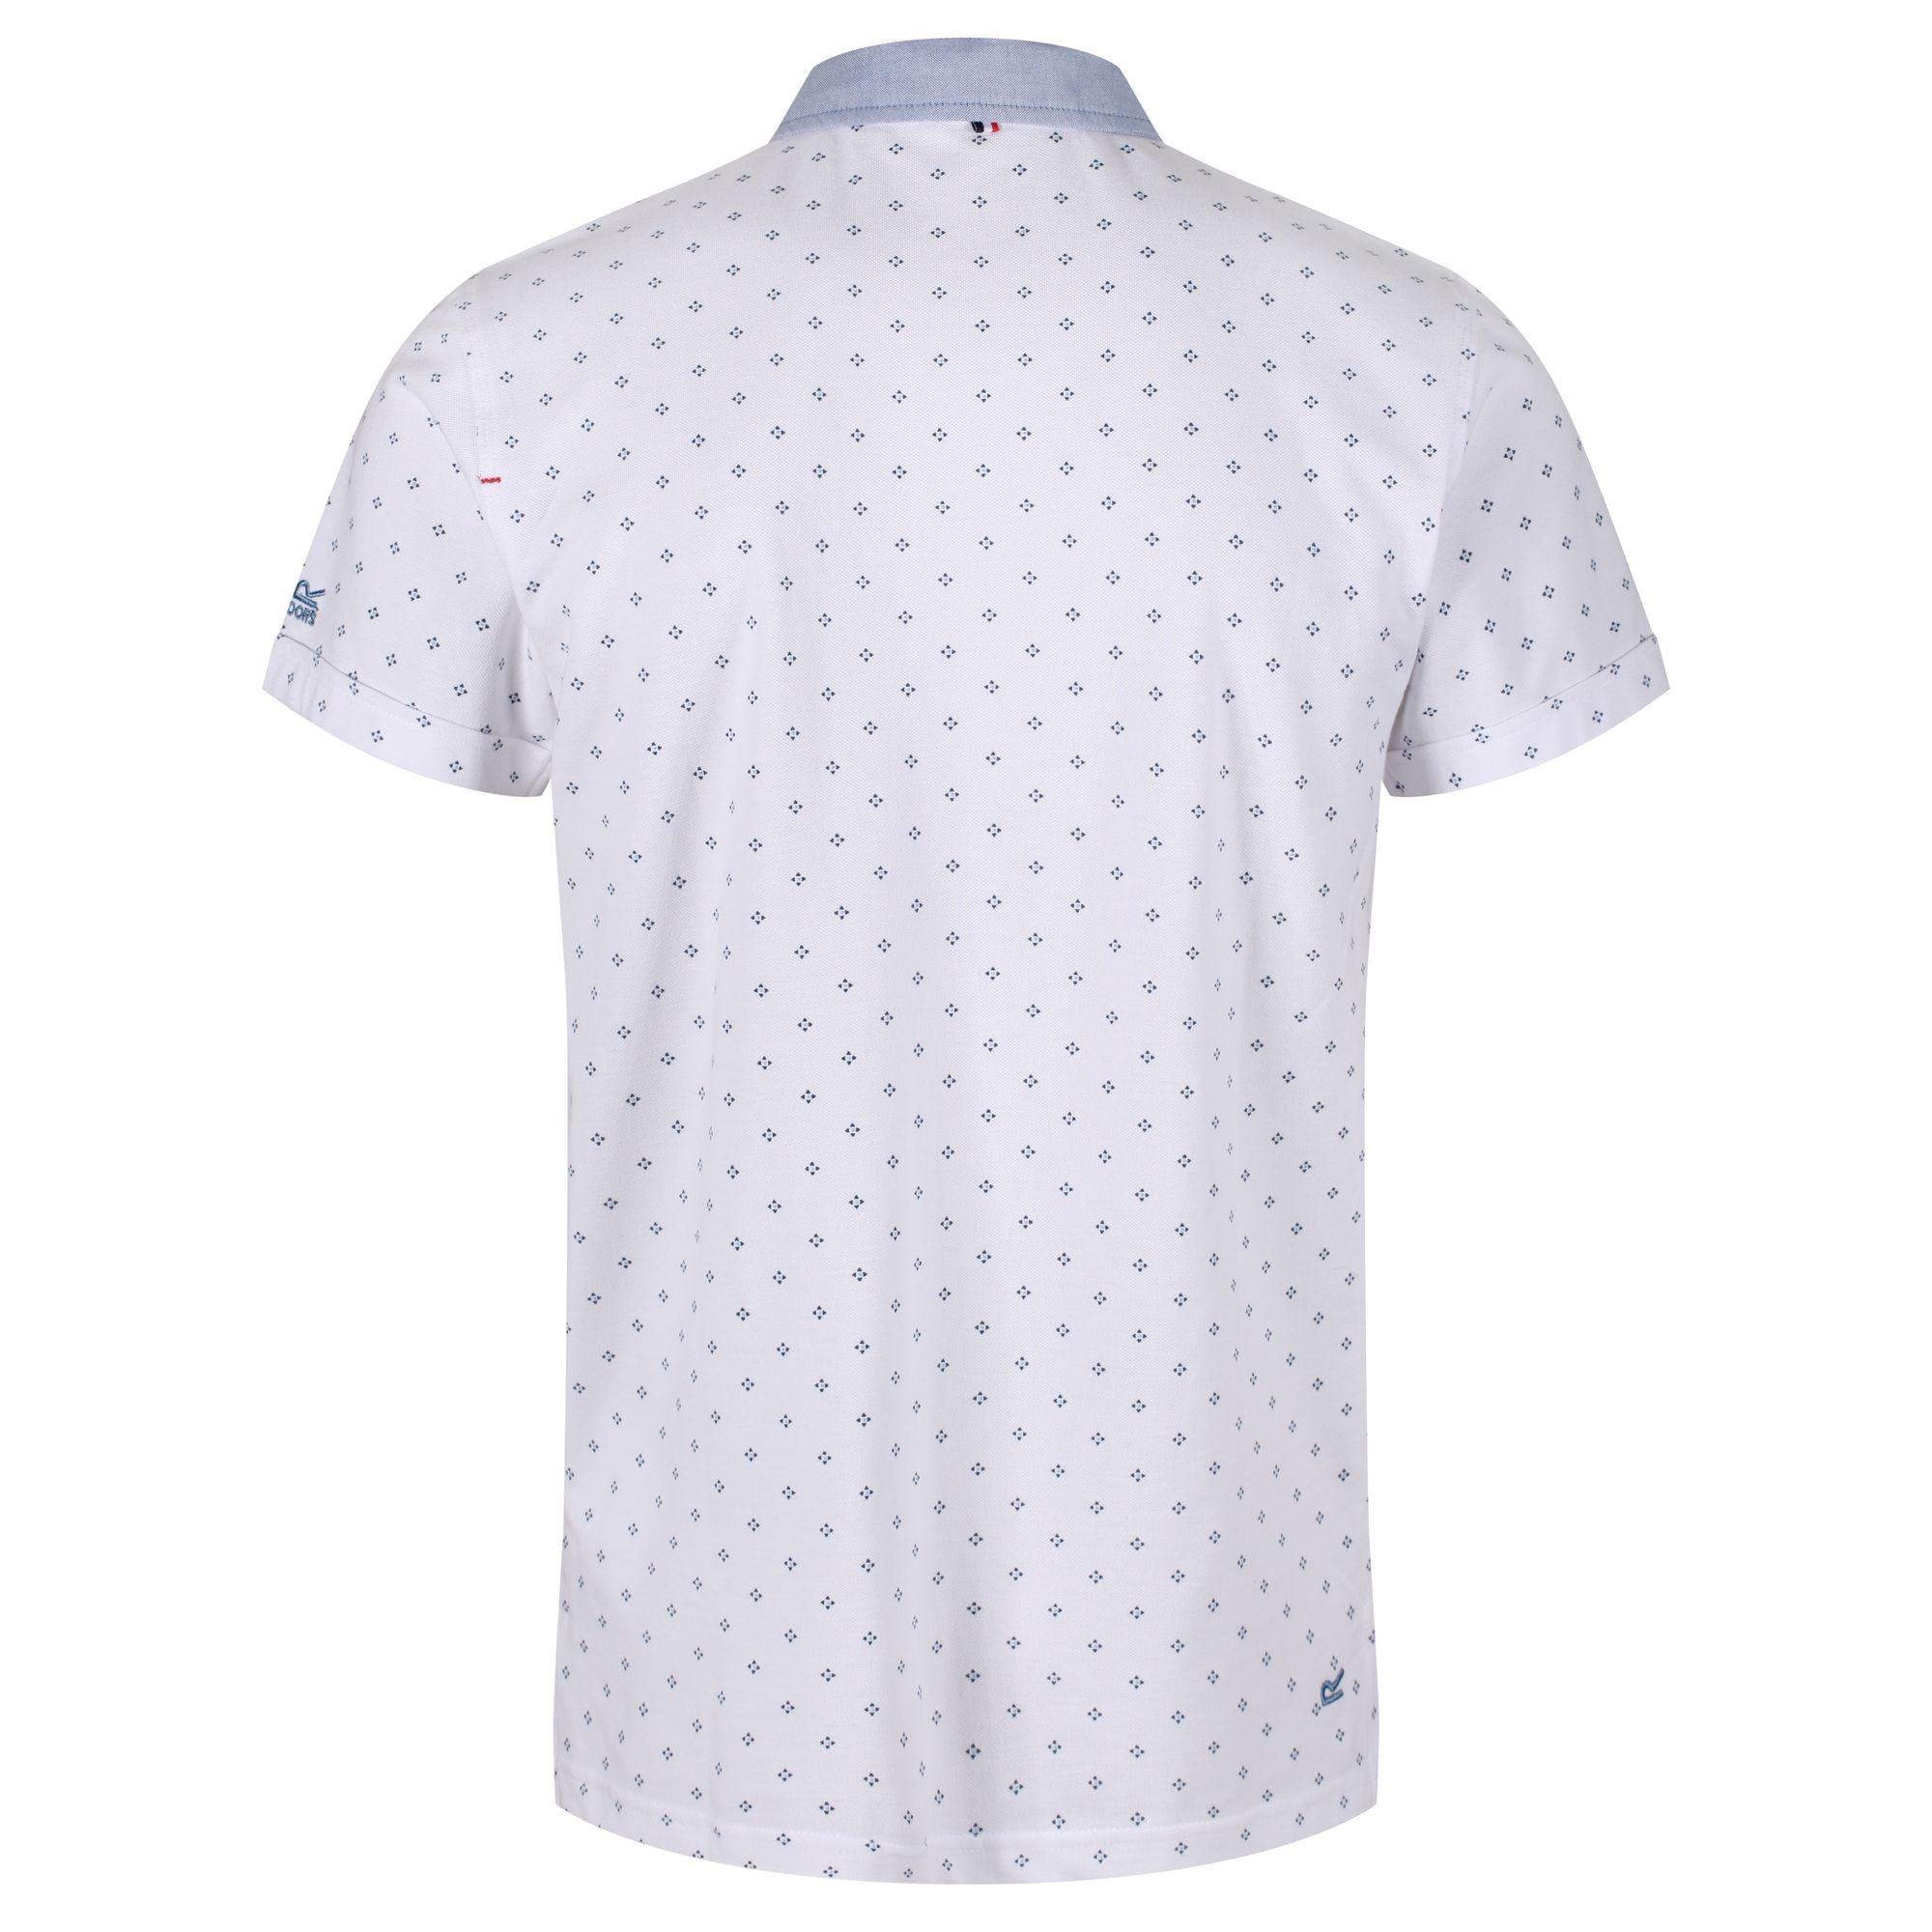 Regatta-Mens-Bahram-Polo-Shirt-RG4205 thumbnail 8